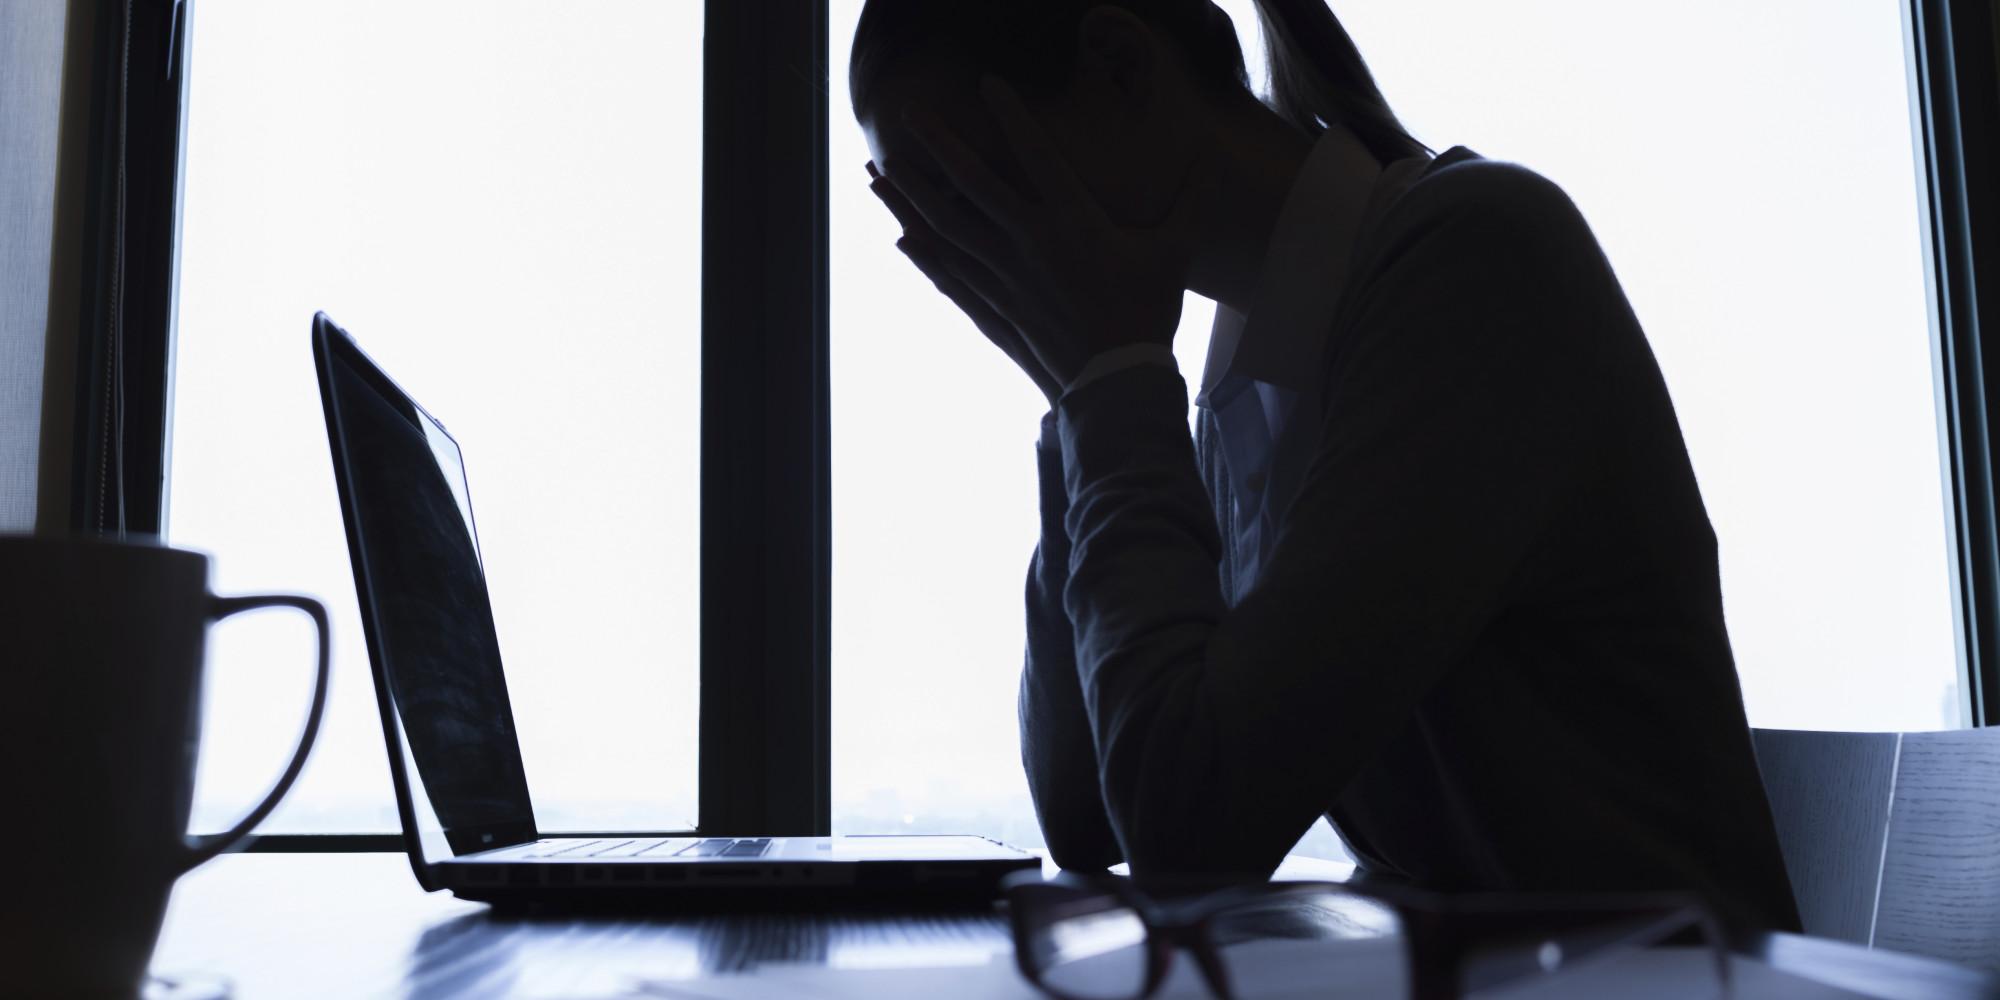 """ظاهرة التنمر الإلكتروني ترتفع بين الاردنيين   .. وخبير قانوني لـ""""سرايا"""" :عقوبات تصل للسجن (3) سنوات"""